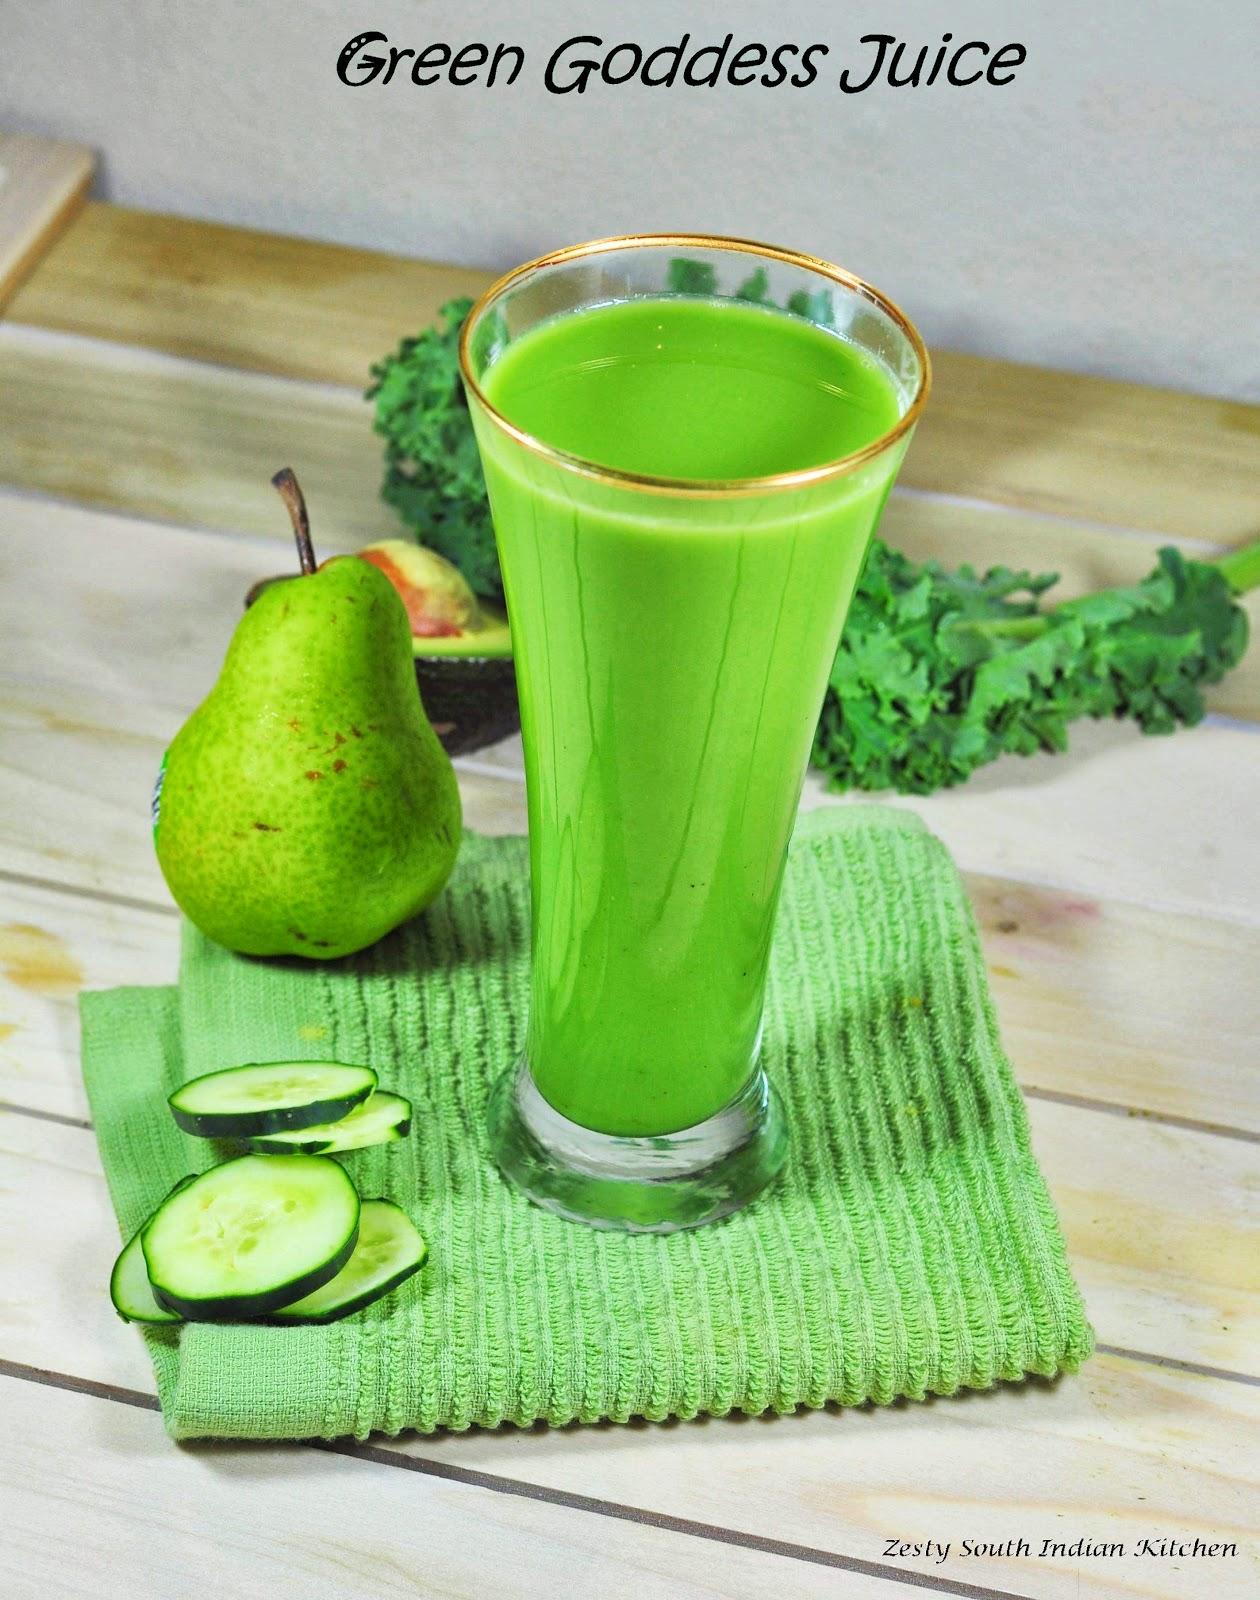 Green Goddess Juice Healthy Detox Diabetic Friendly Zesty South